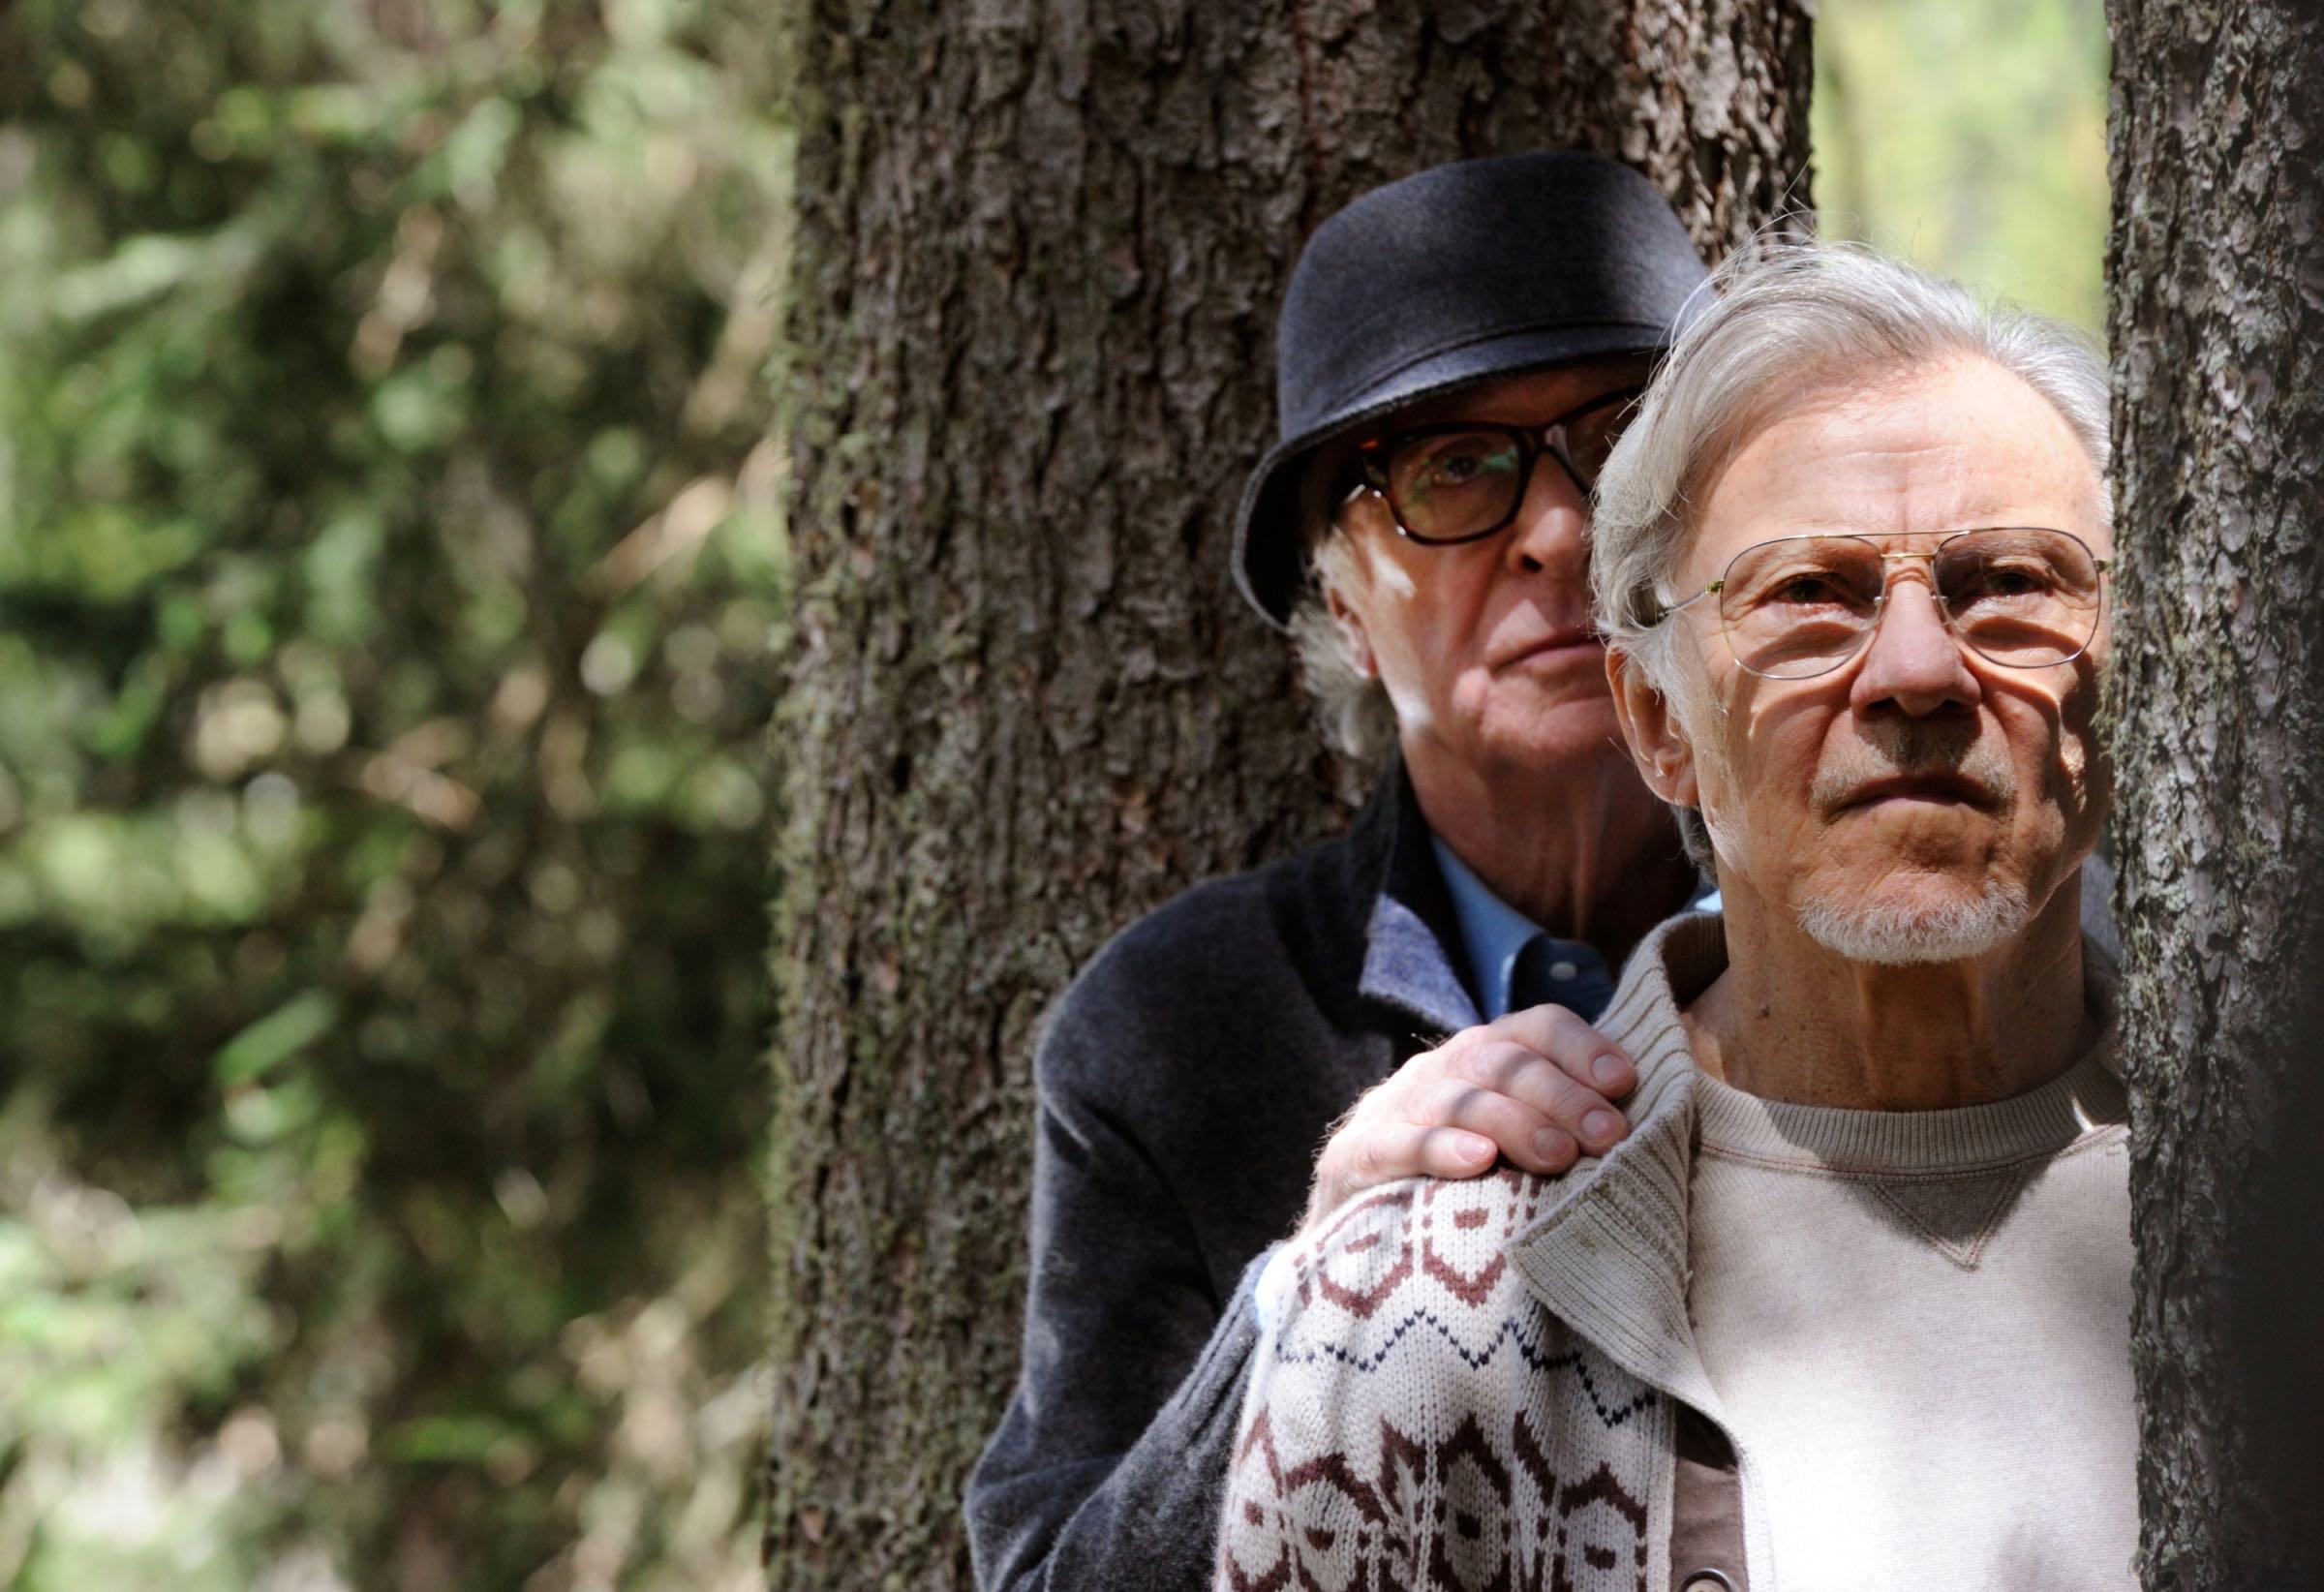 MICHAEL CAINE E  HARVEY KEITEL SUL SET DI LA GIOVINEZZA, FOTO DI GIANNI FIORITO